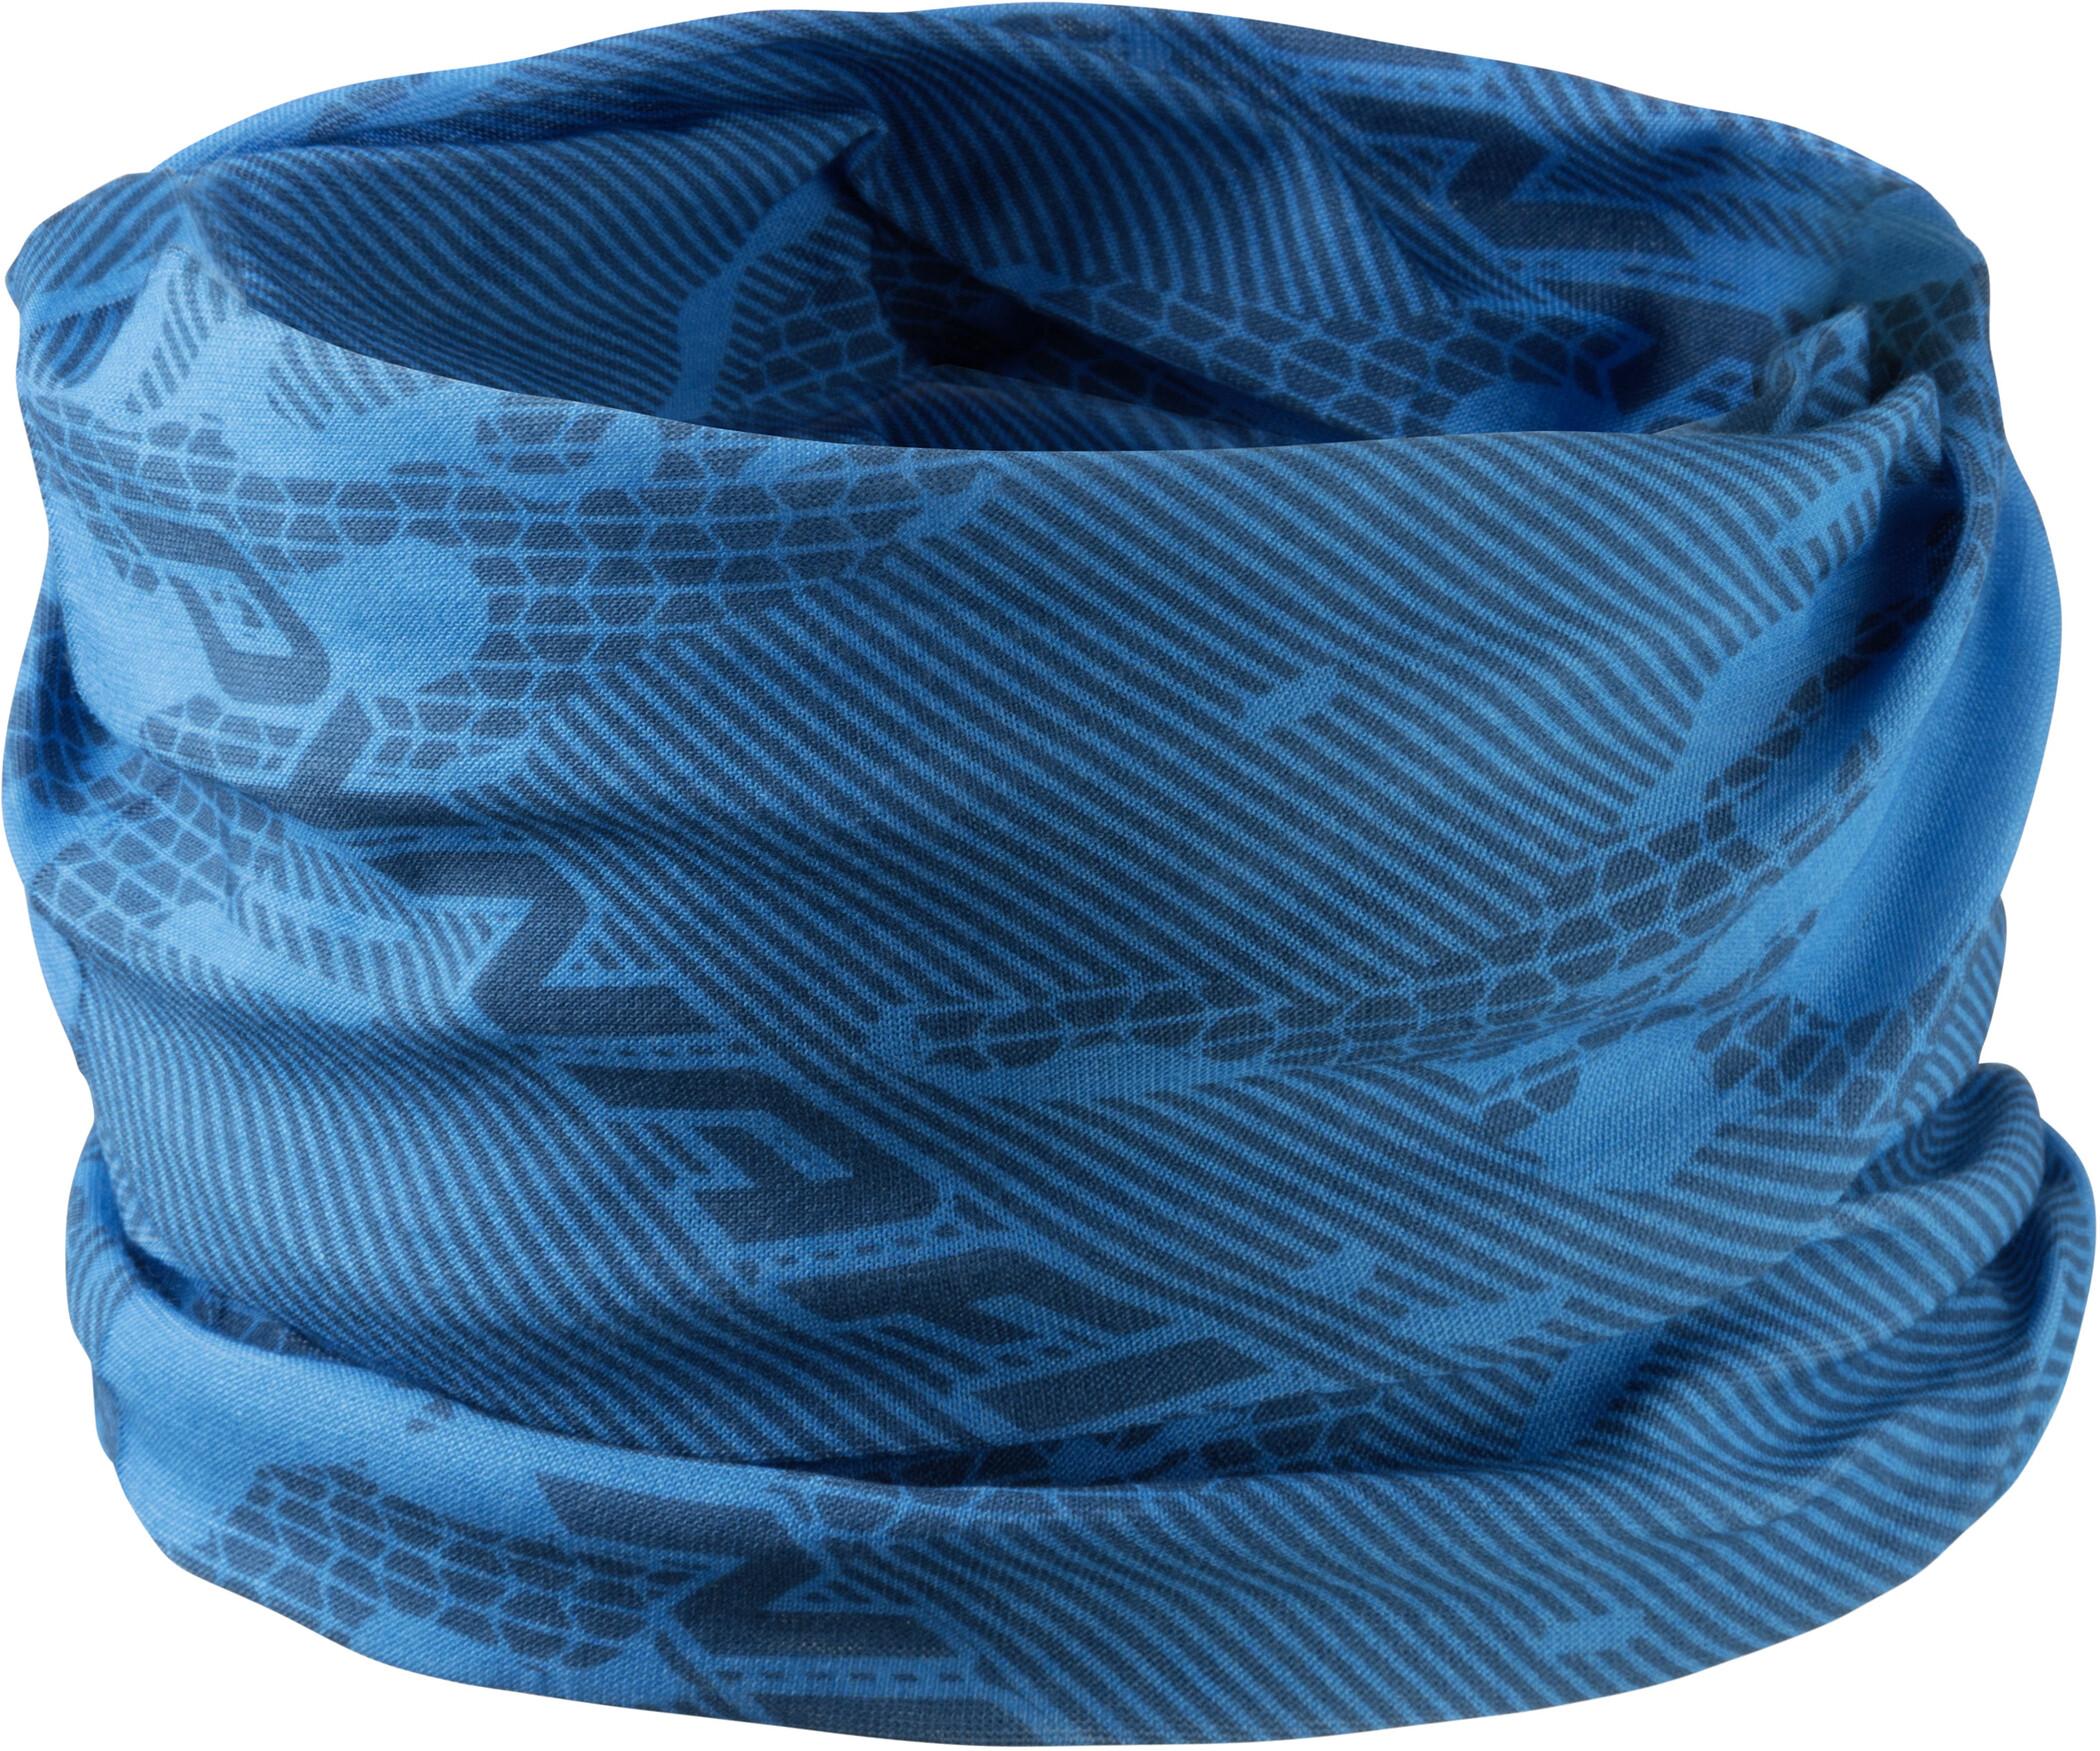 Dynafit Primaloft Halsedisse, methyl blue | Hovedbeklædning